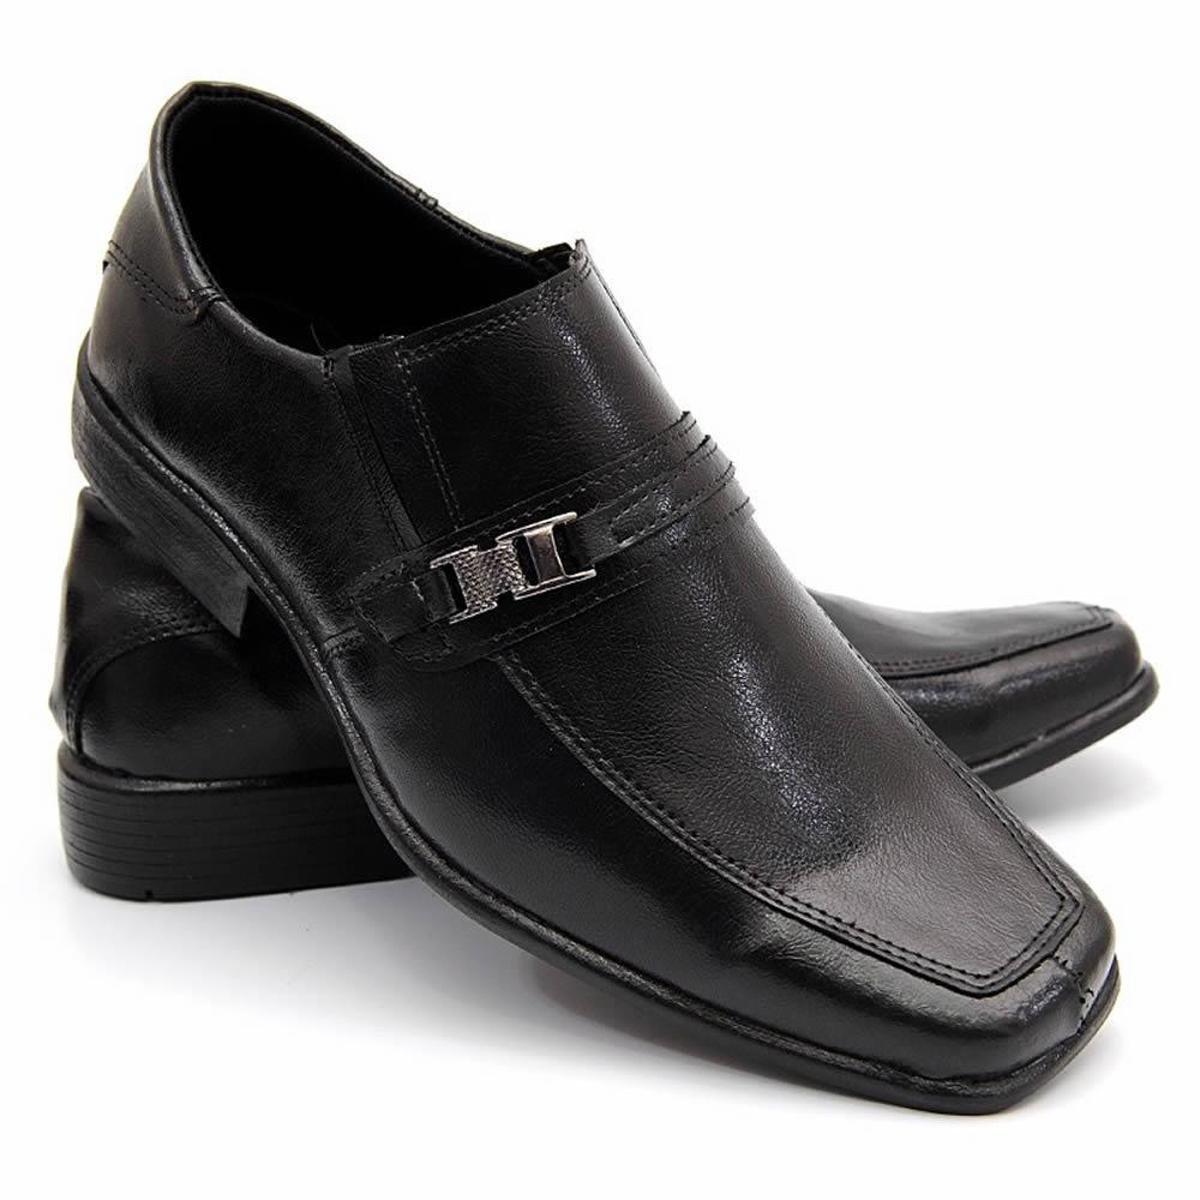 e8fab41f91 Sapato Social Masculino Bico Quadrado Couro Legítimo Garra - Compre Agora